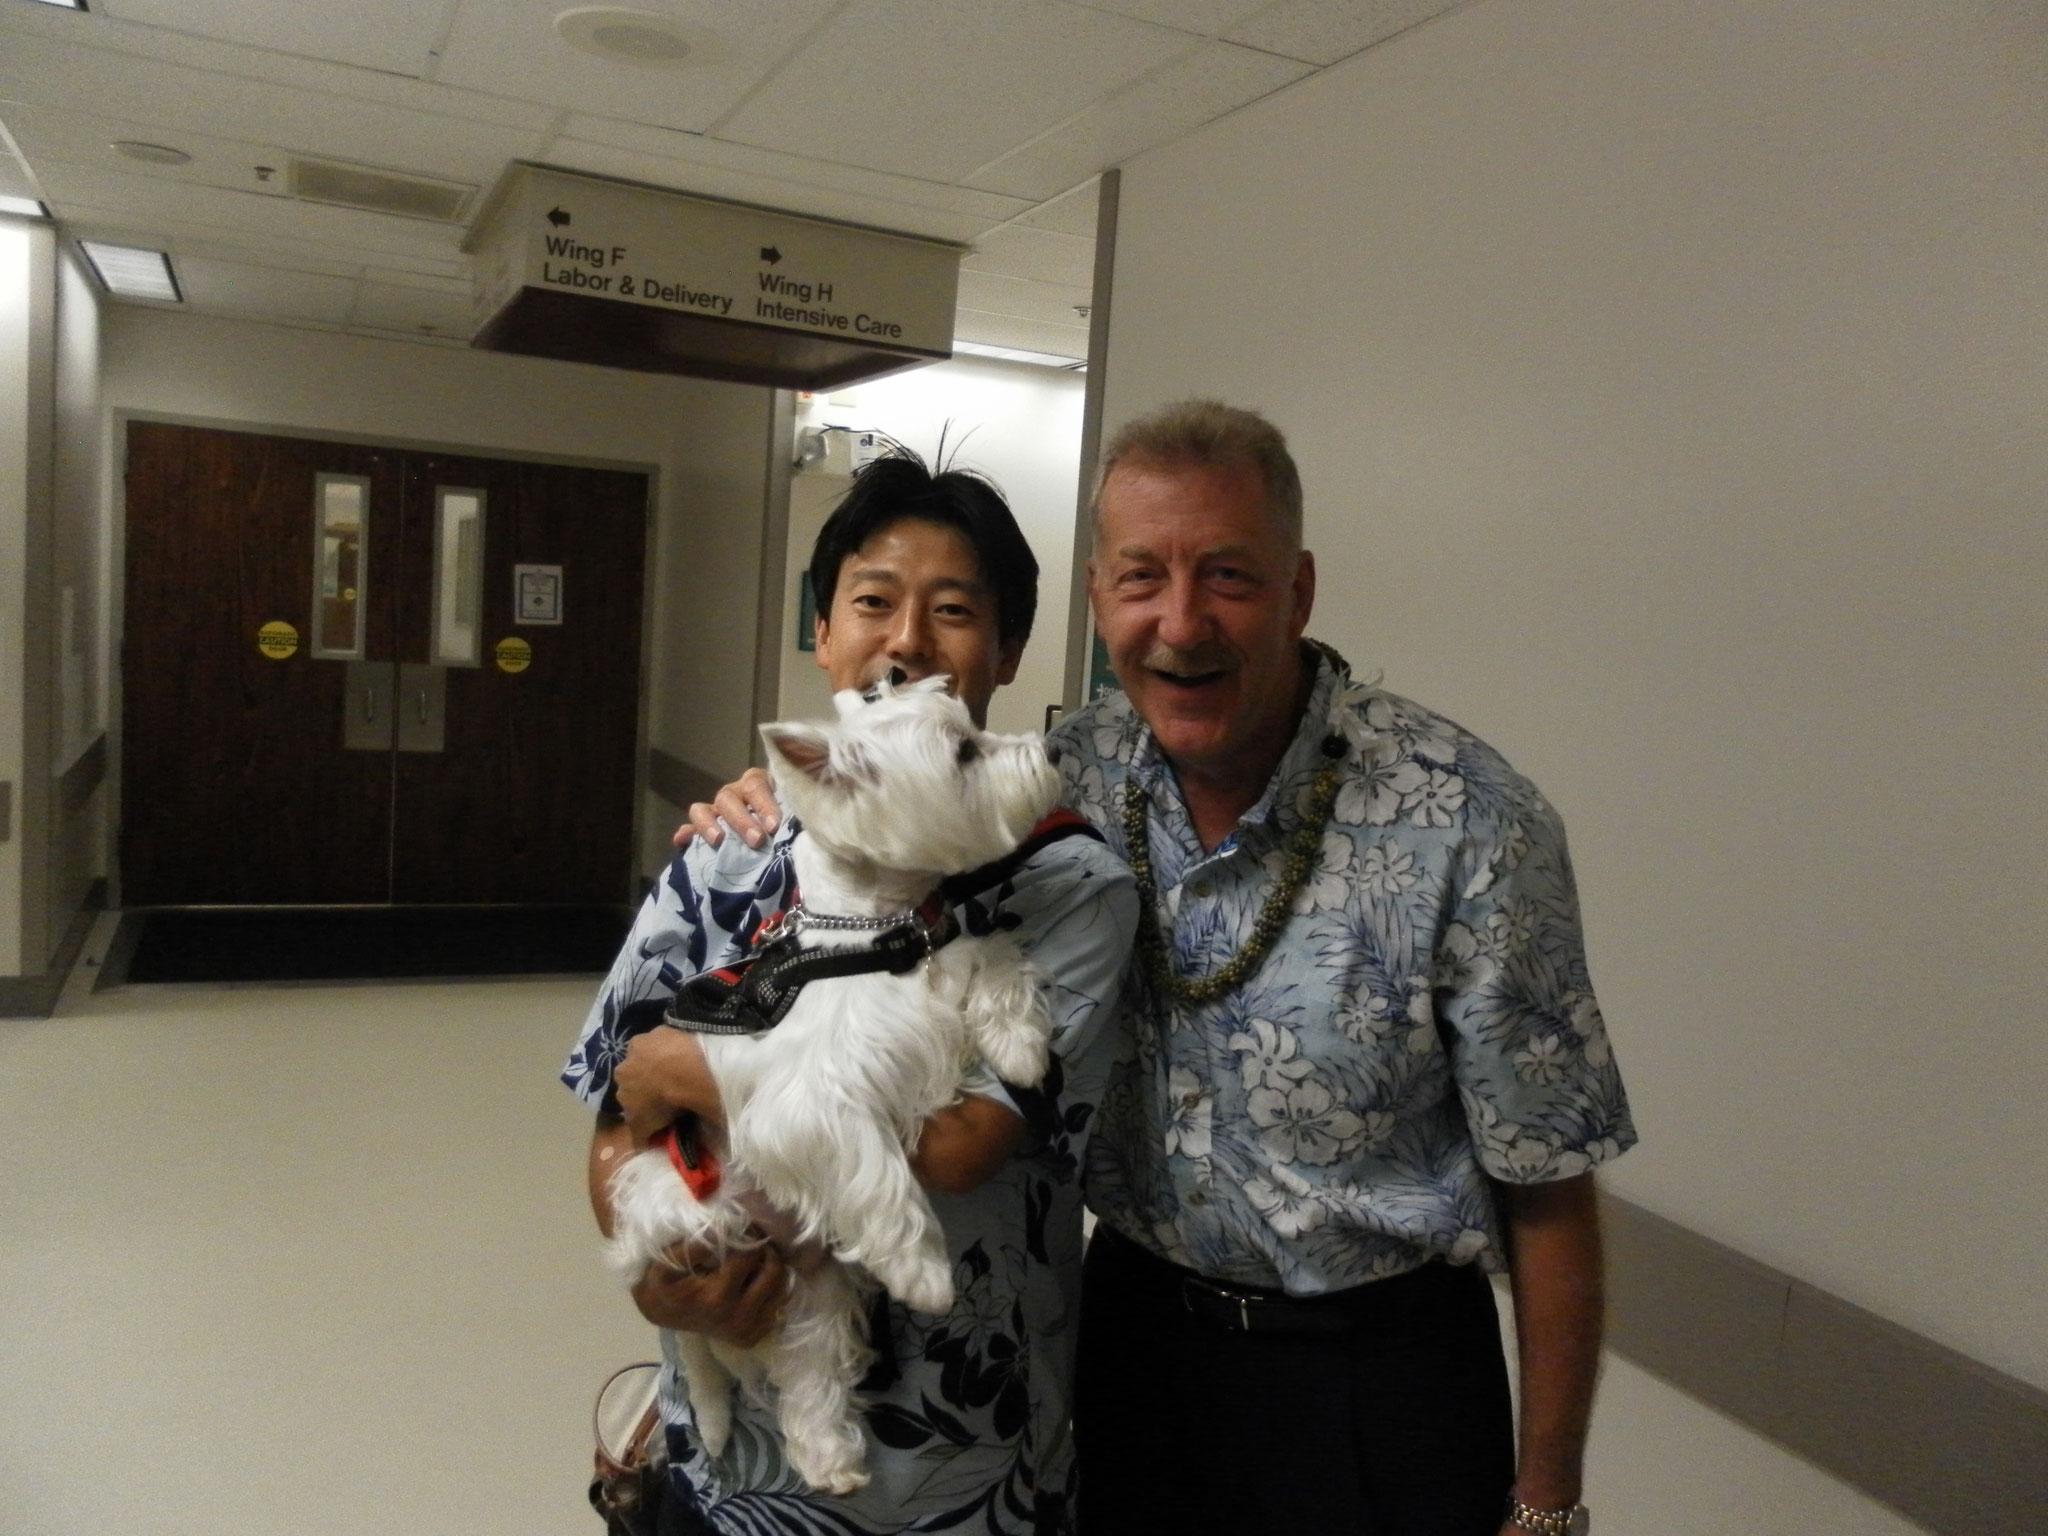 Honolulu市長と(米軍病院内にて)